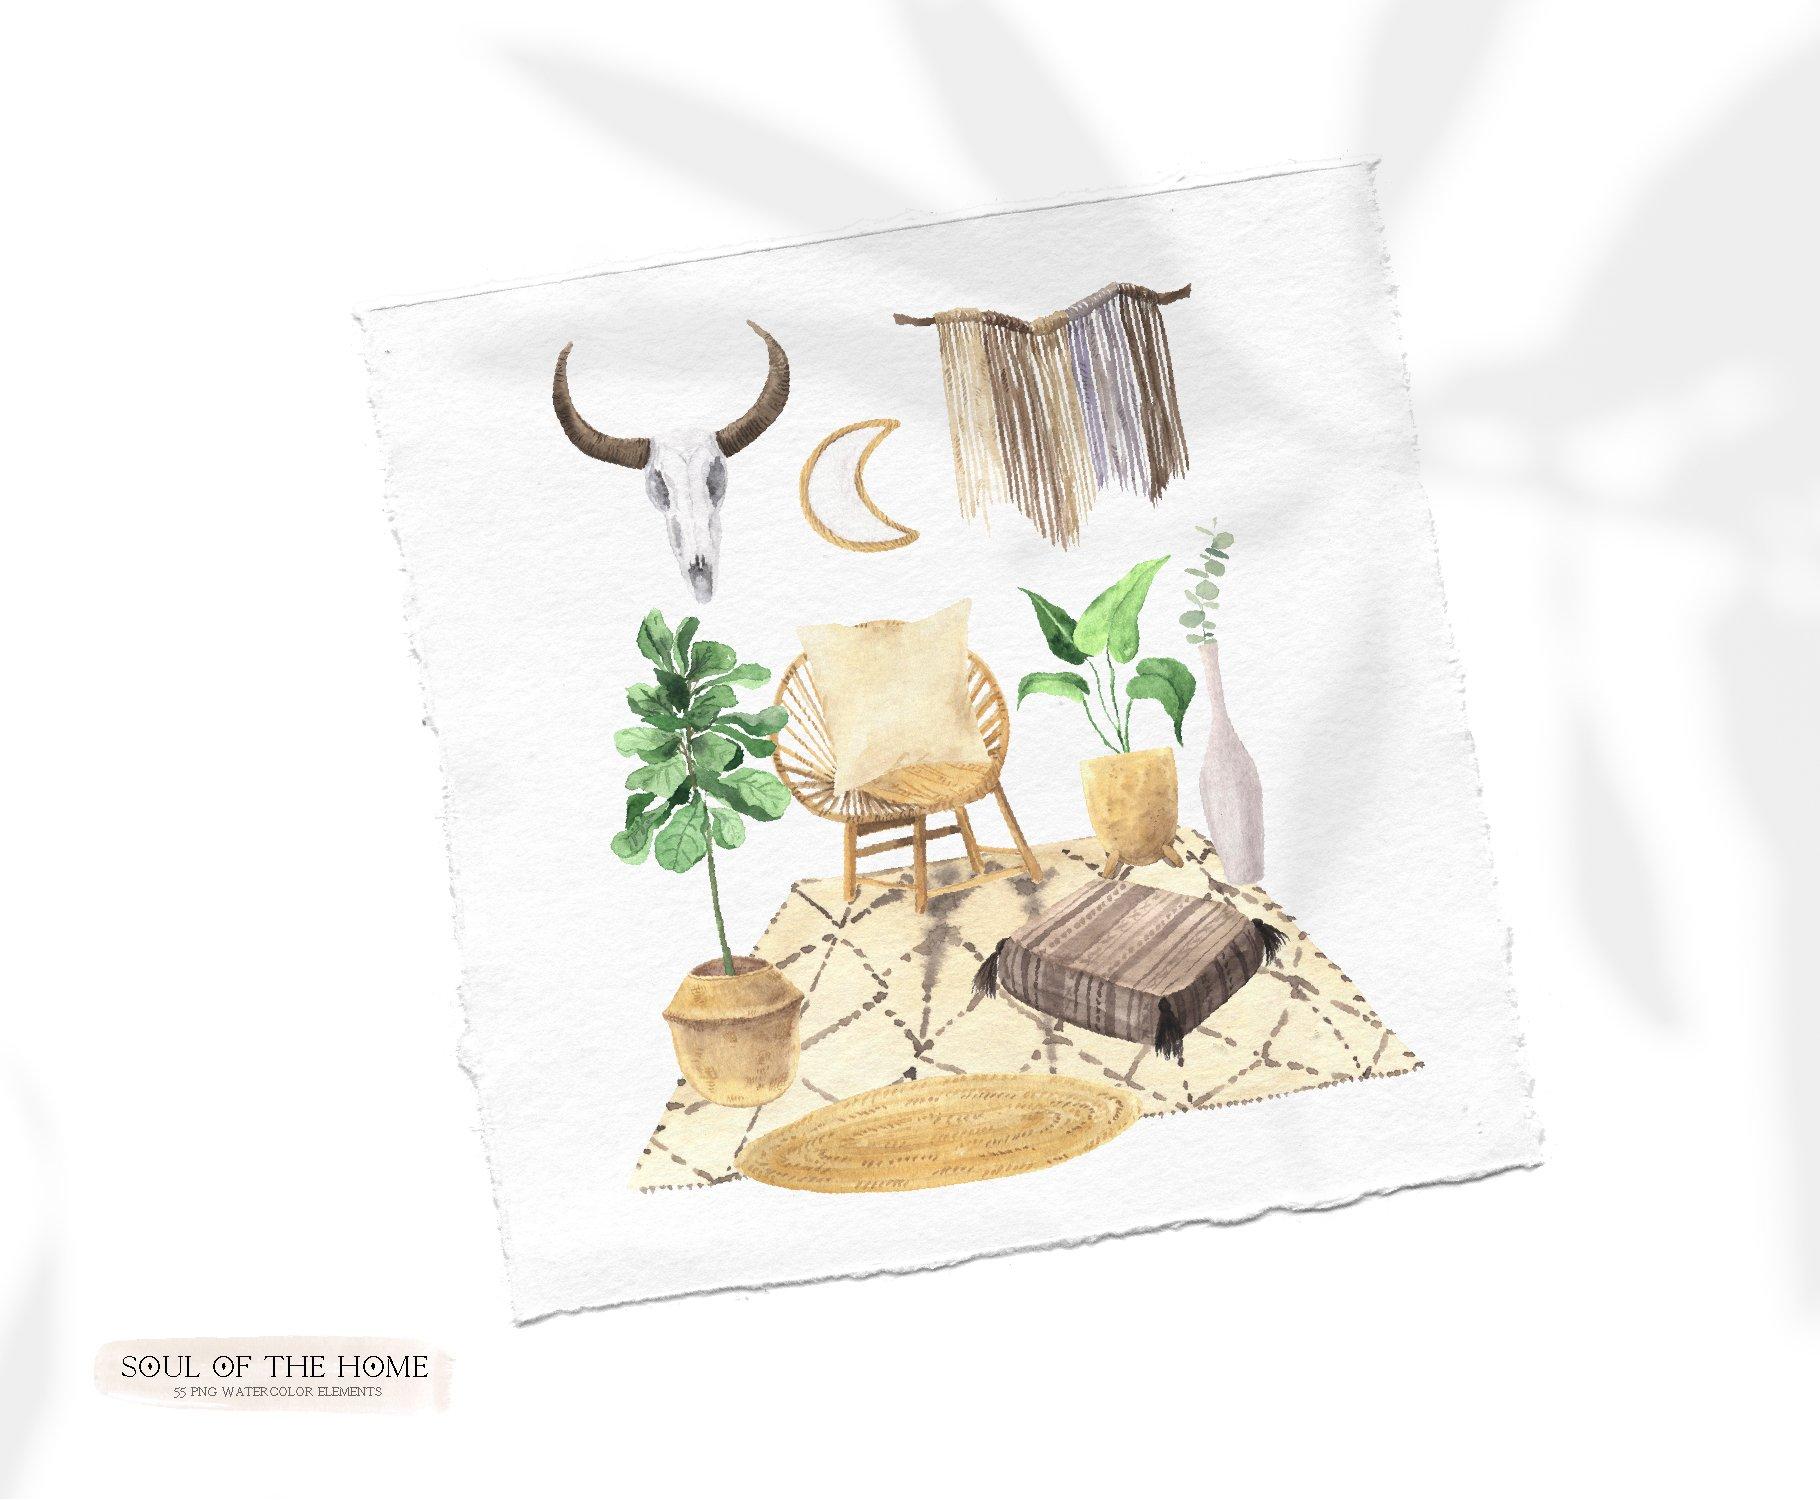 现代新潮手绘波西米亚风室内盆栽植物水彩剪贴画PNG免抠图片素材 Boho Home Interior Clipart插图(3)